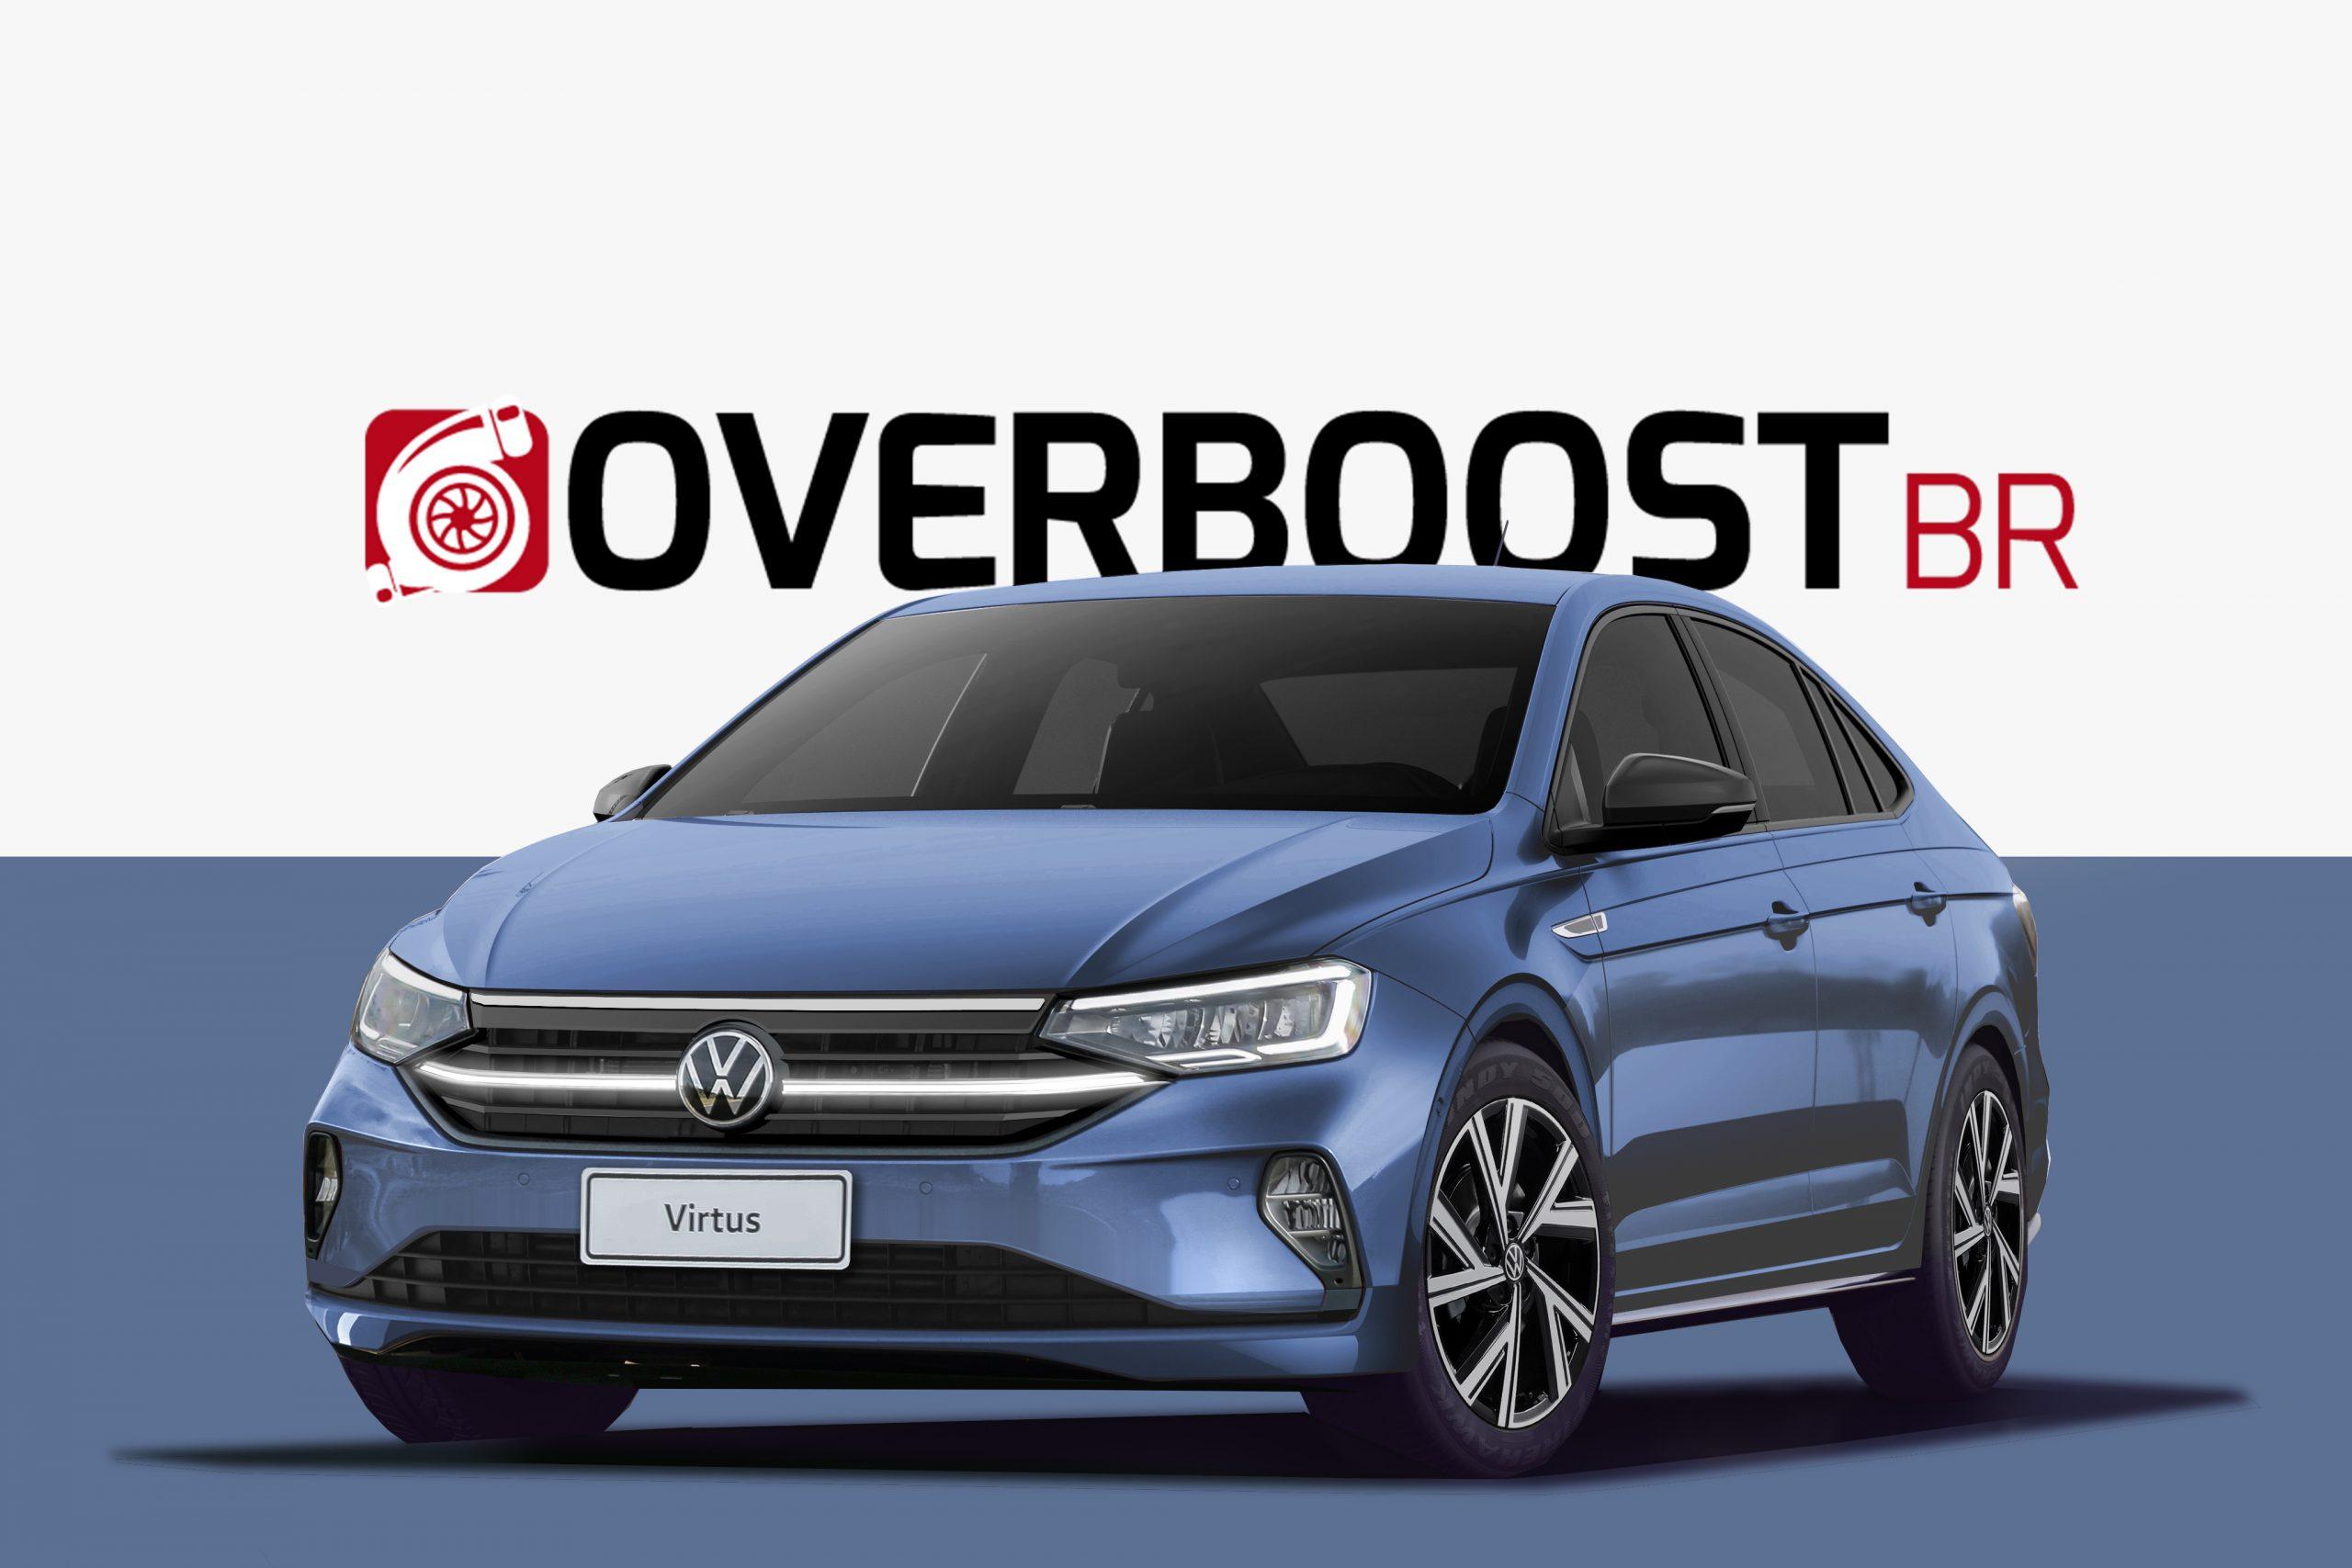 VW Virtus 2023: projeção antecipa 'visual de Nivus' do sedã